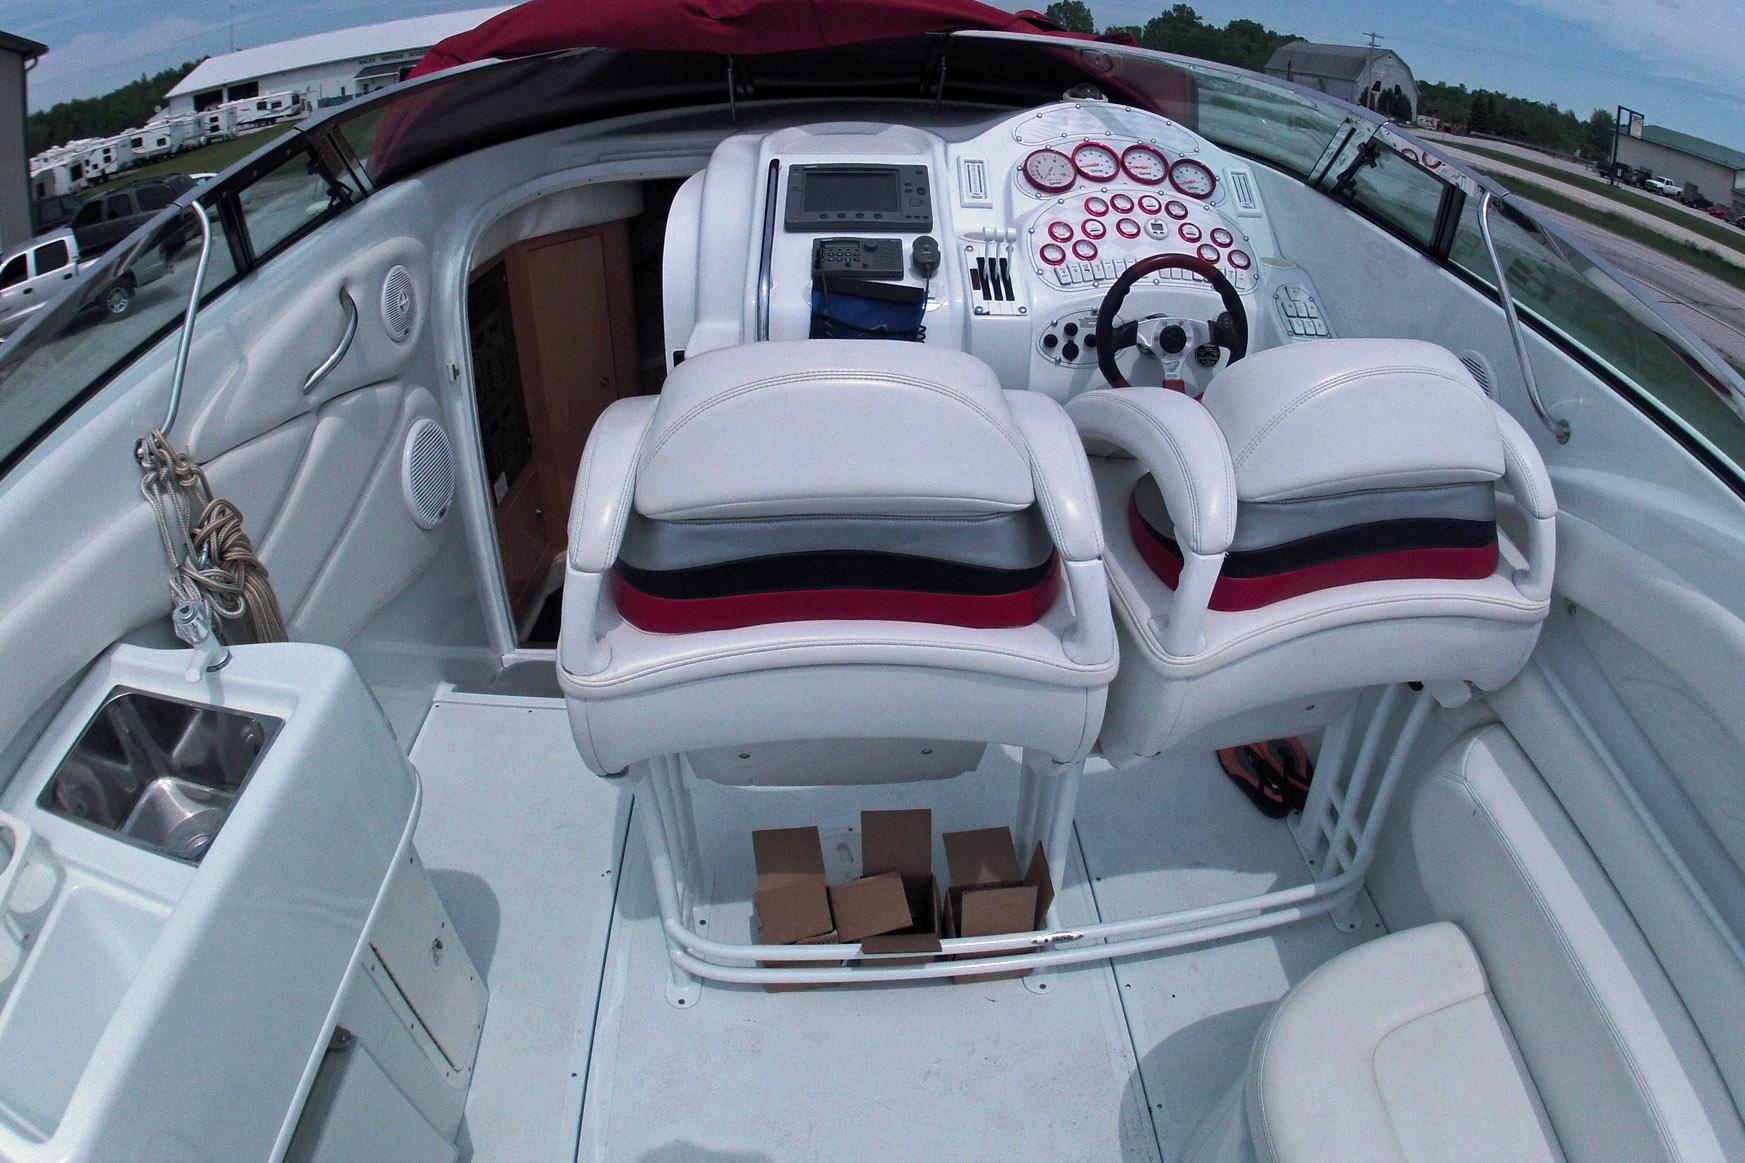 baja en venta     yachtworld es